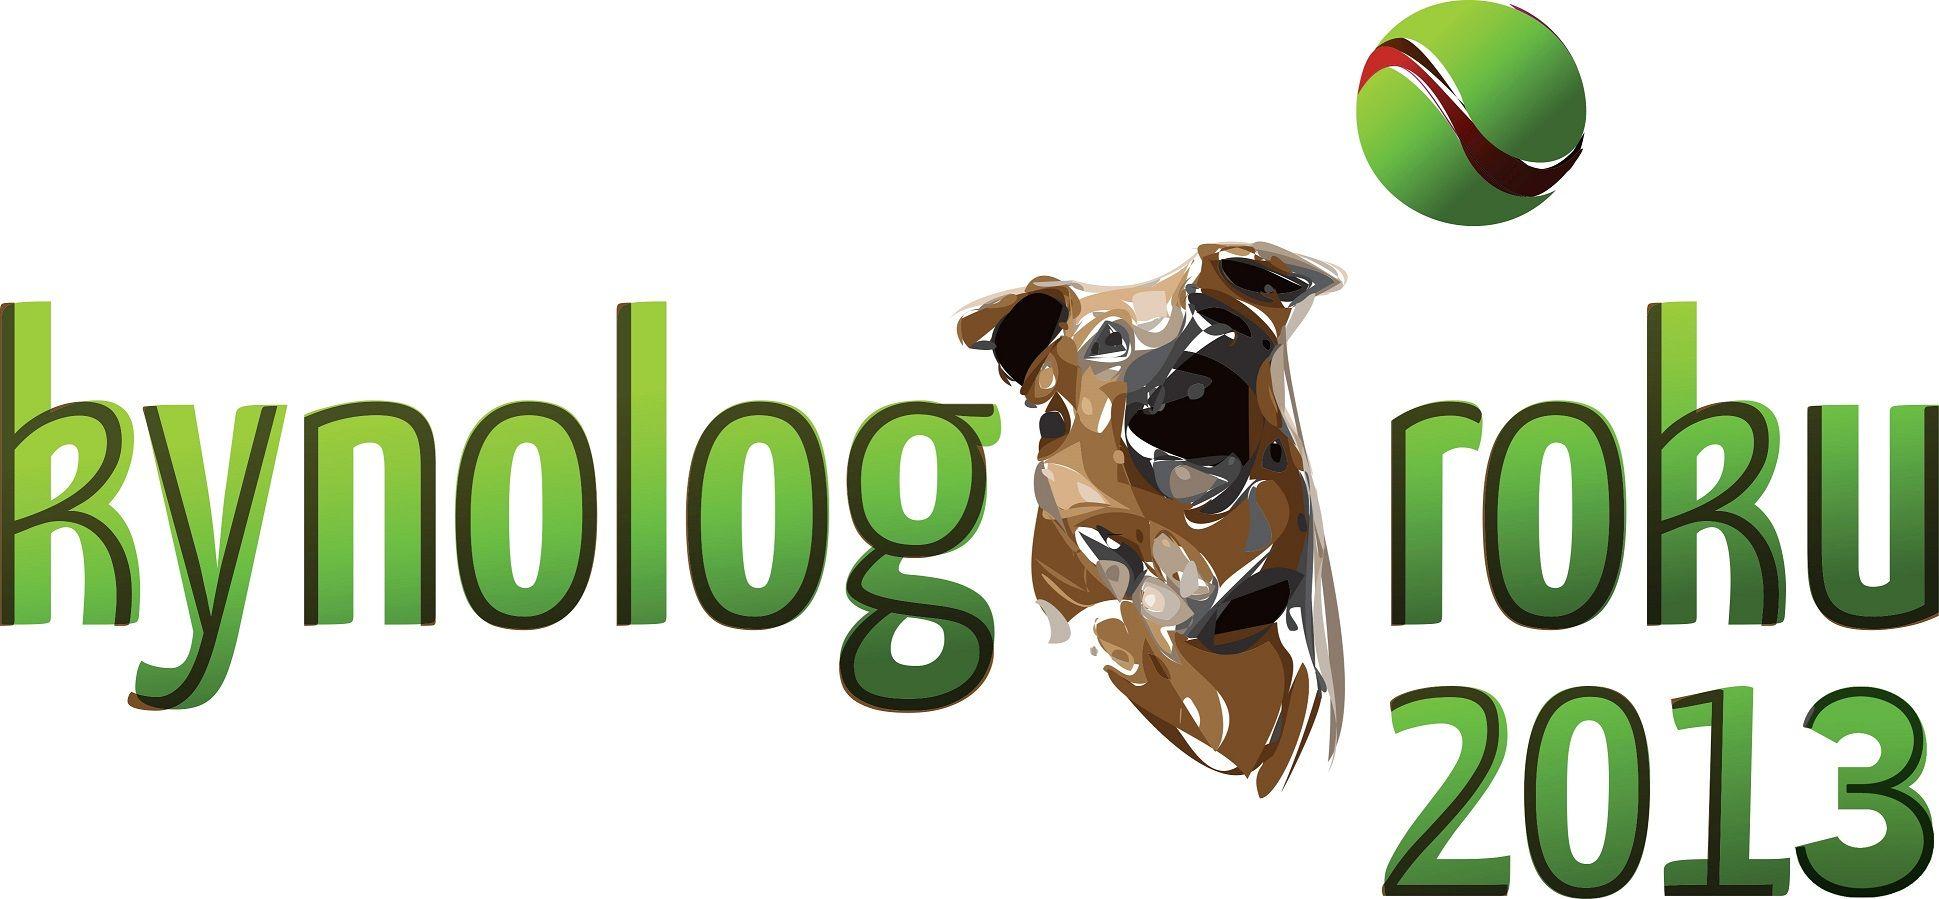 Kynolog-2013-dole-small.jpg